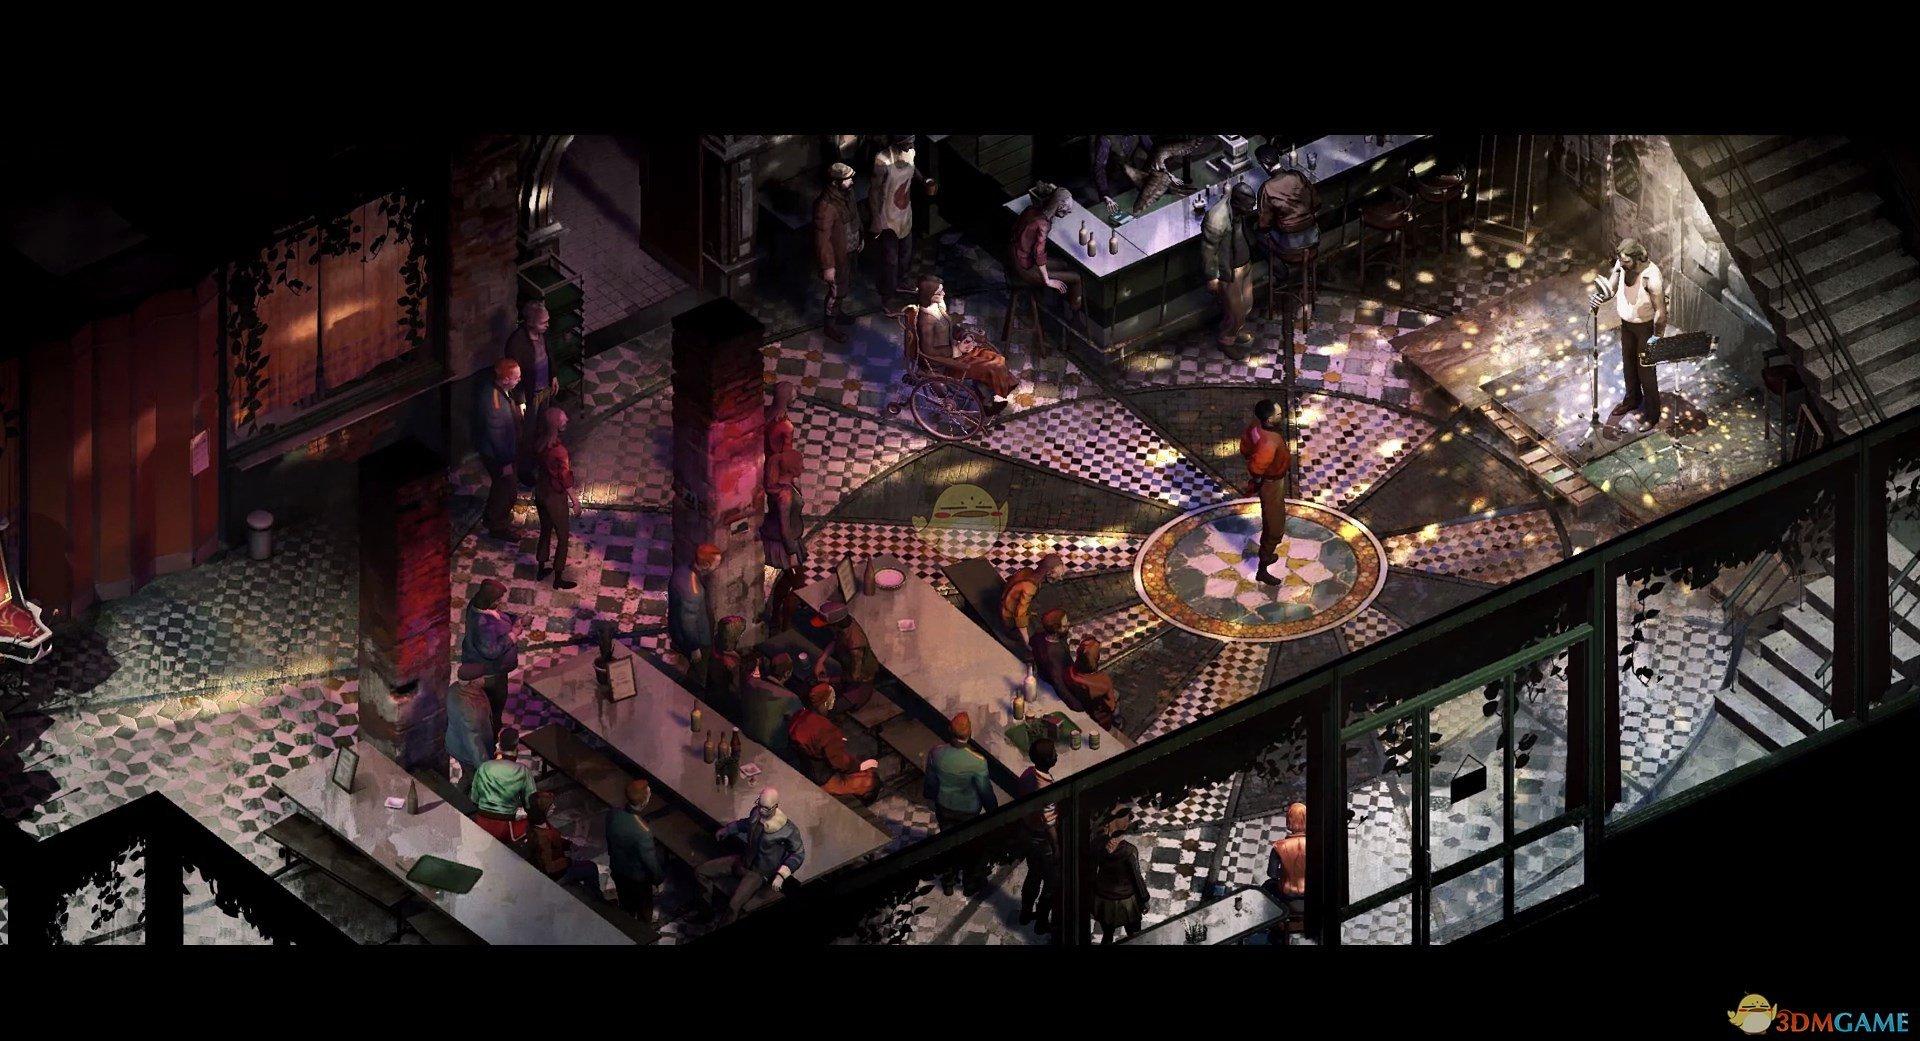 《极乐迪斯科》加斯顿马丁NPC身份背景介绍